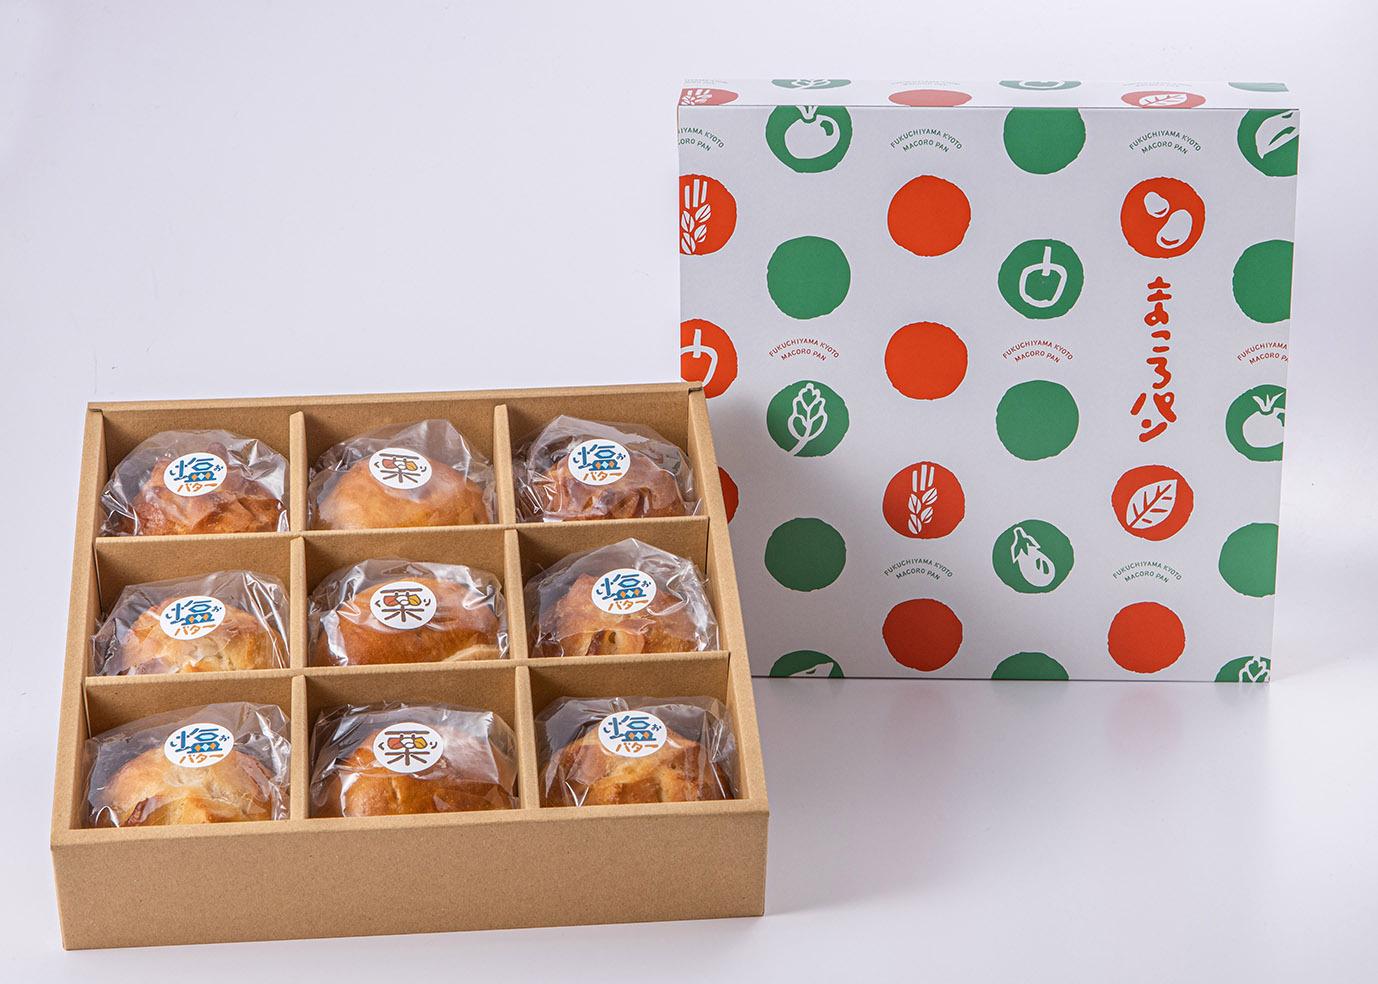 【秋限定!数量限定】まころの栗パン3個・京小麦の塩バターパン6個入りボックス